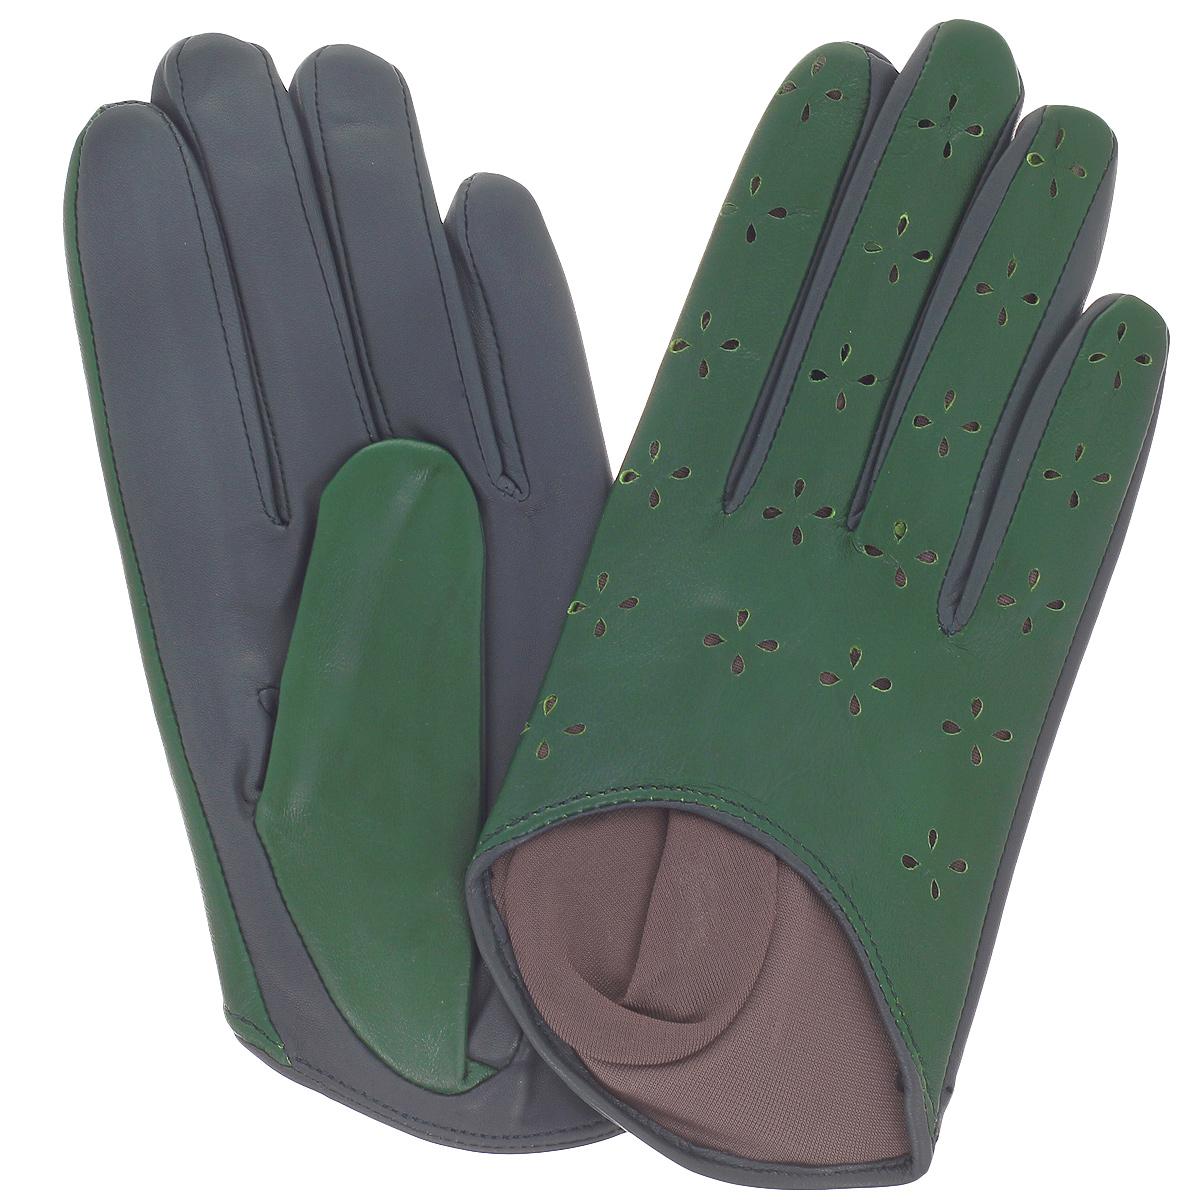 ПерчаткиK81-H1/ELСтильные перчатки Michel Katana с шелковой подкладкой выполнены из мягкой и приятной на ощупь натуральной кожи ягненка и оформлены декоративной перфорацией. Перчатки станут достойным элементом вашего стиля и сохранят тепло ваших рук. Это не просто модный аксессуар, но и уникальный авторский стиль, наполненный духом севера Франции.